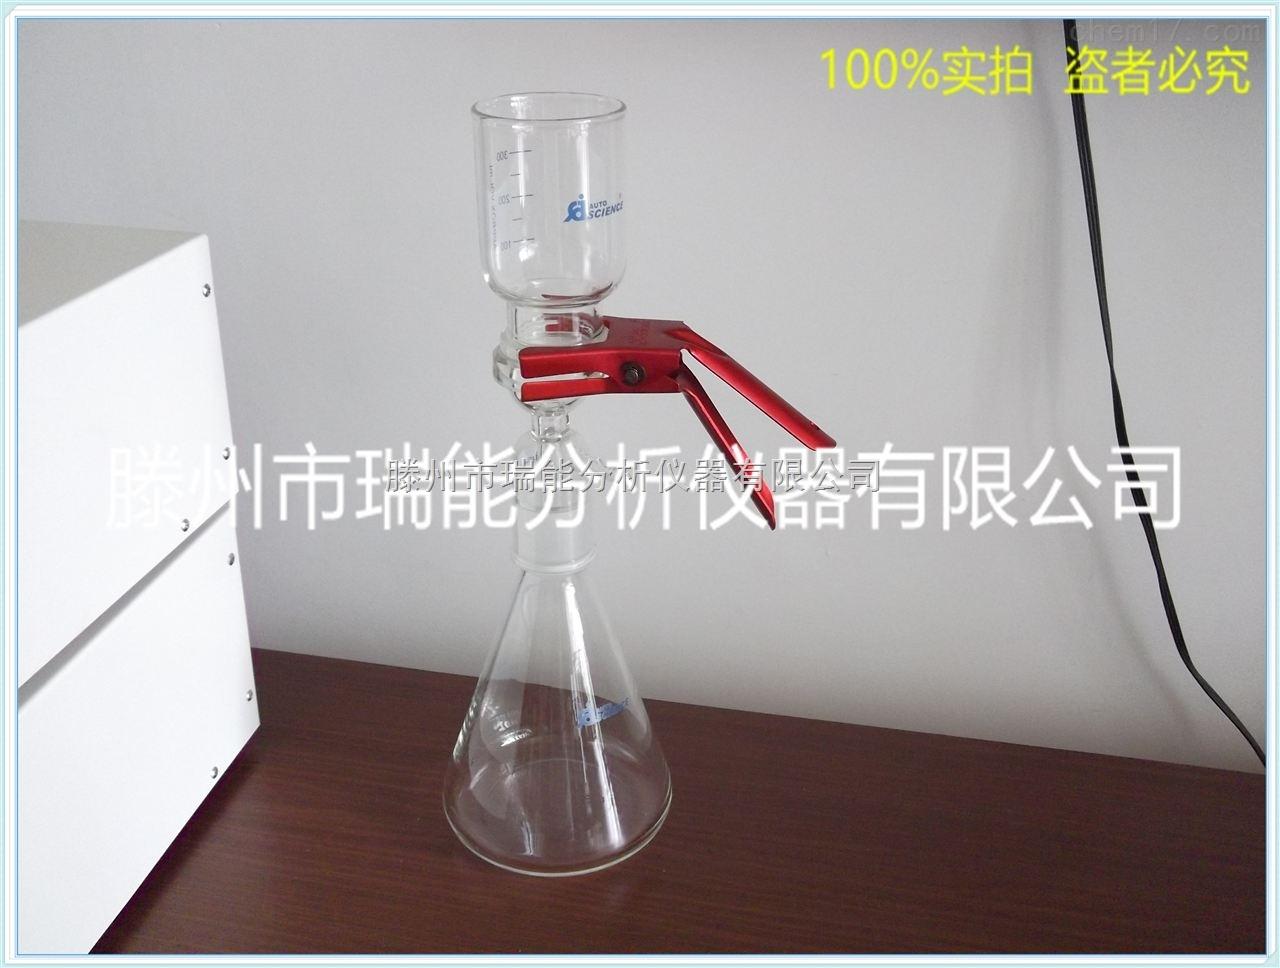 气相色谱仪溶剂过滤器 实验室砂芯过滤装置